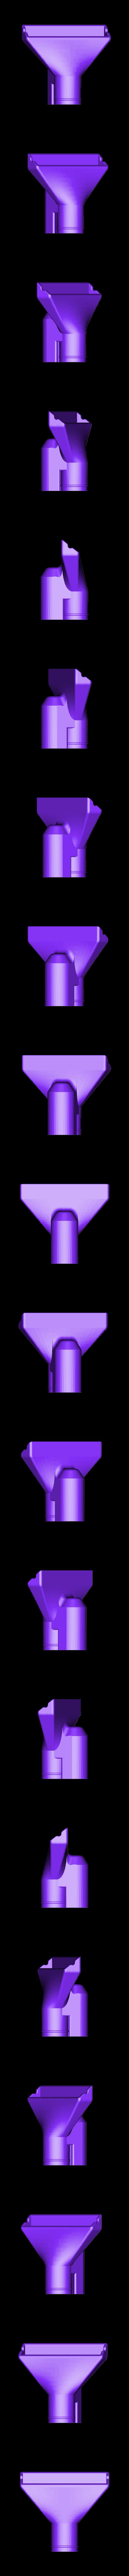 INTEX_Vacuum_nozzle_v2.STL Download free STL file Pool vacuum cleaner nozzle for INTEX filter hose • 3D printer template, Cerragh